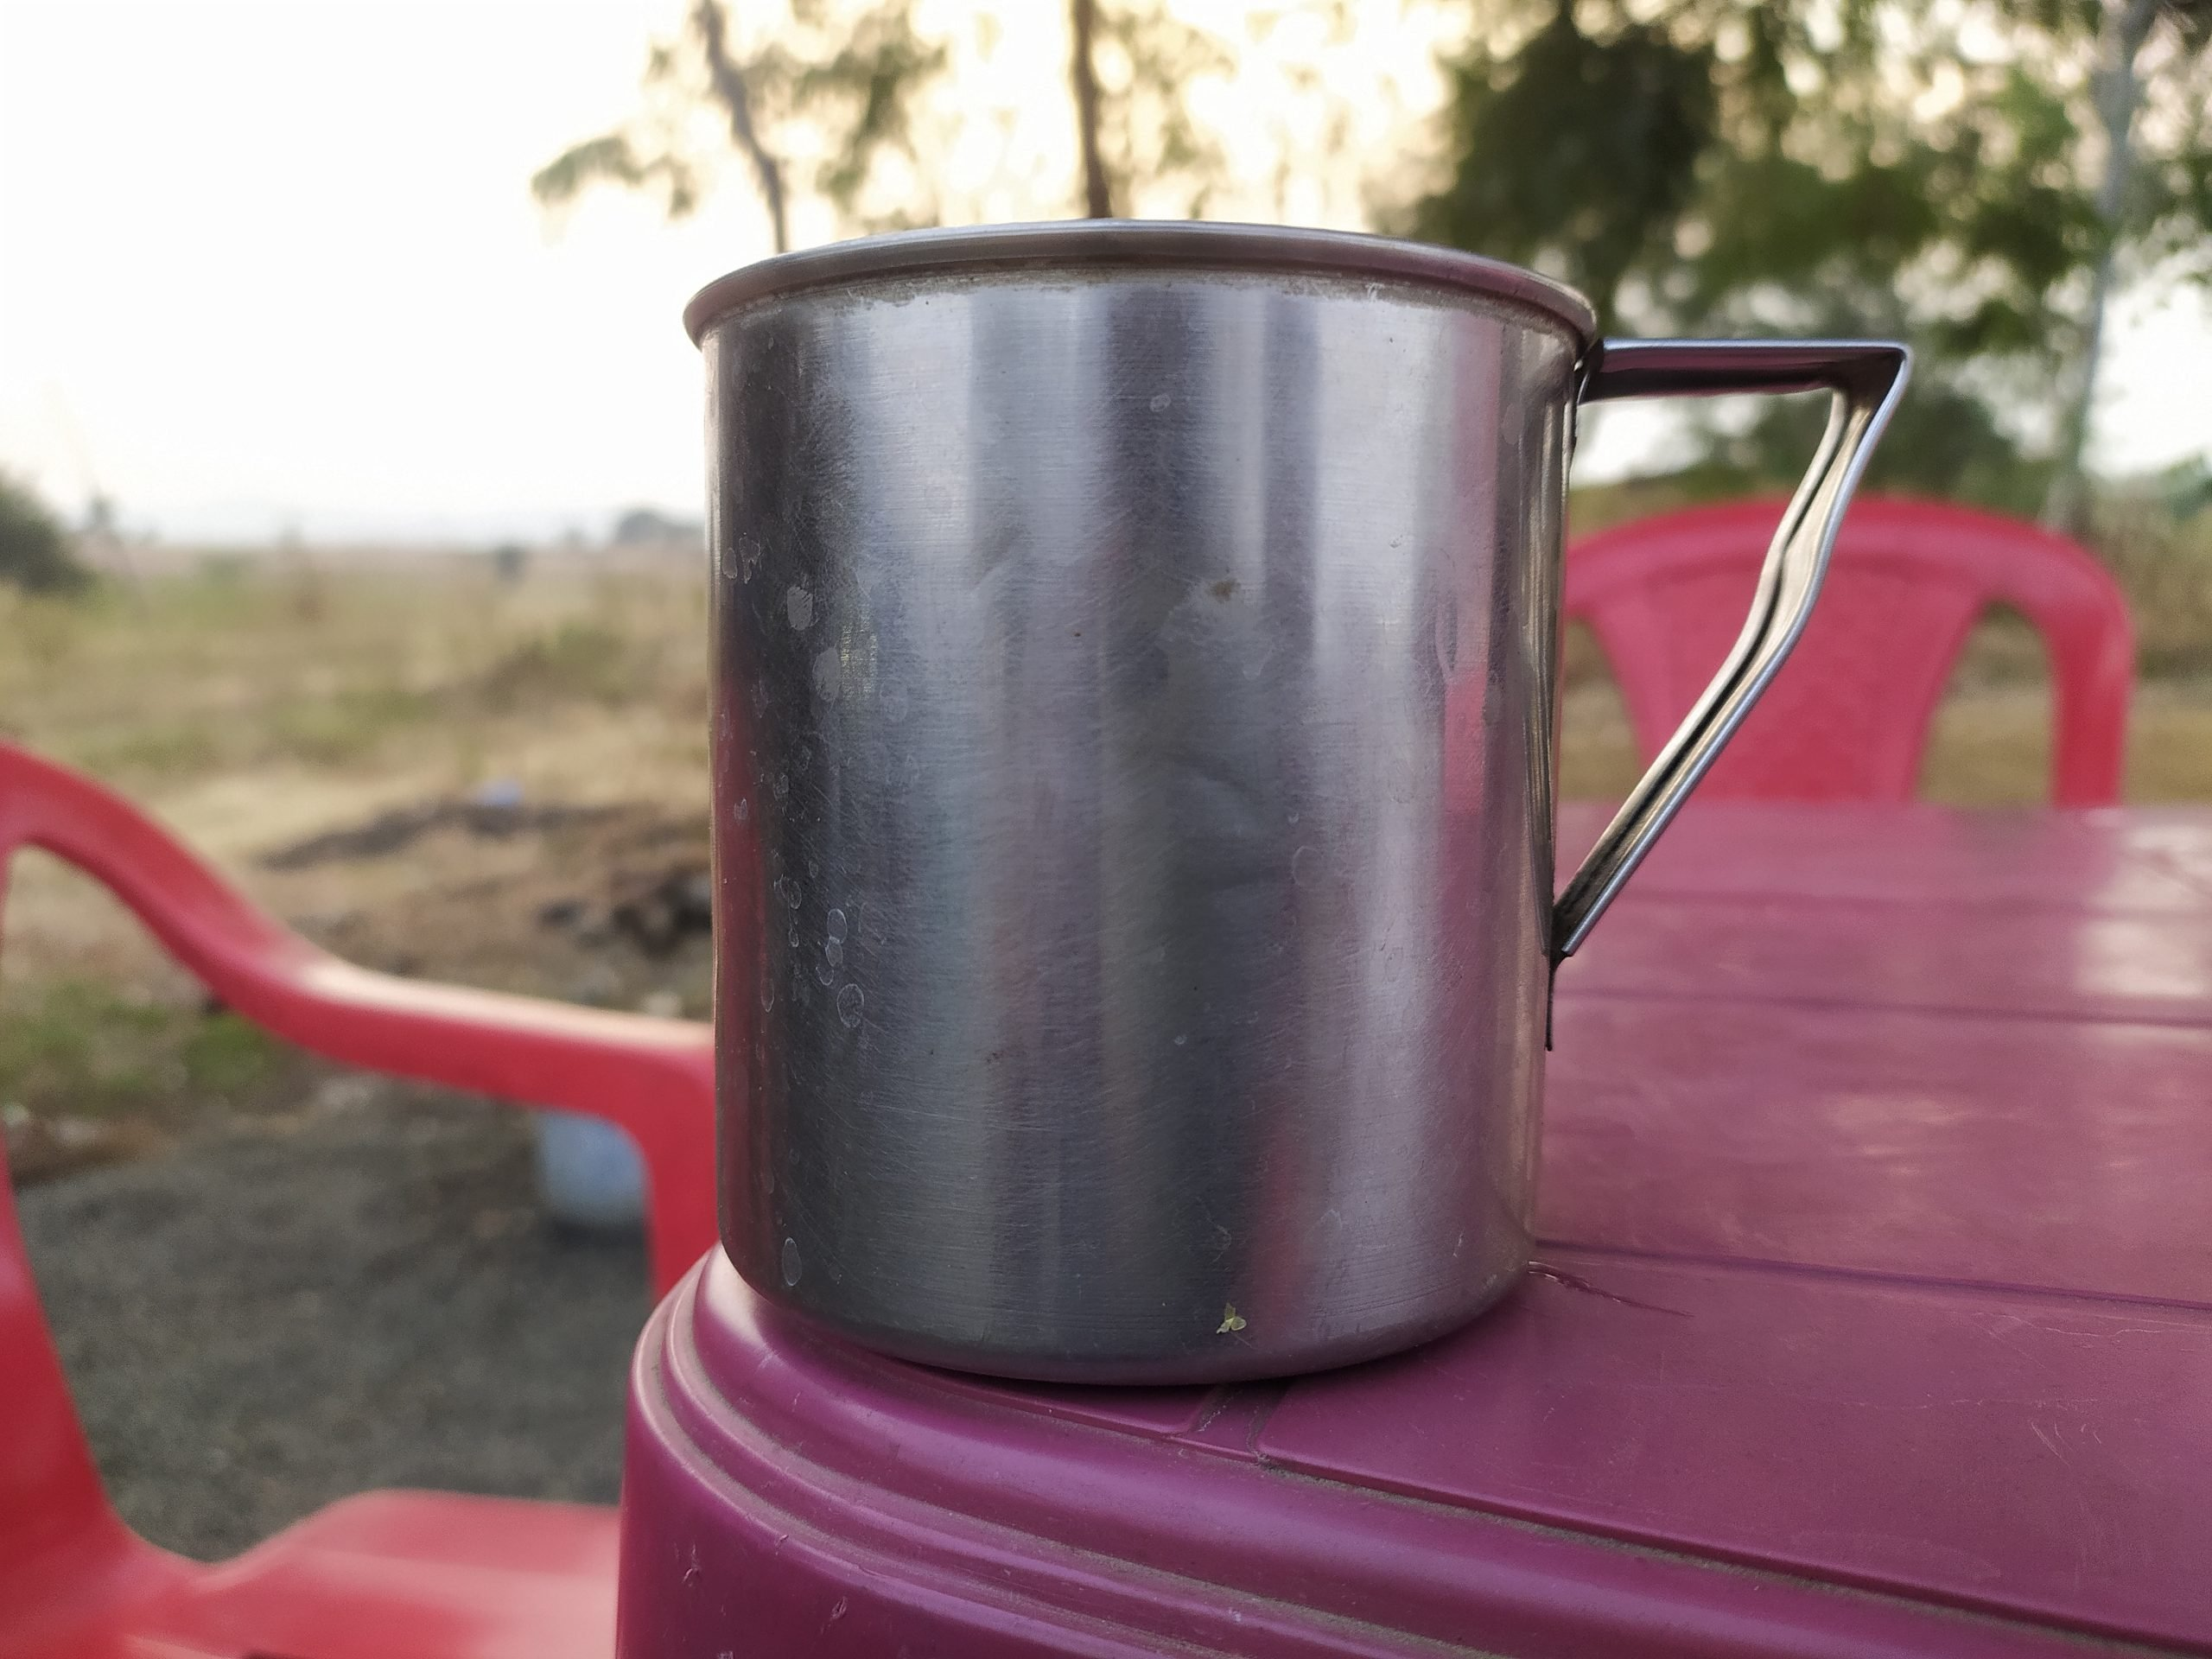 A steel mug